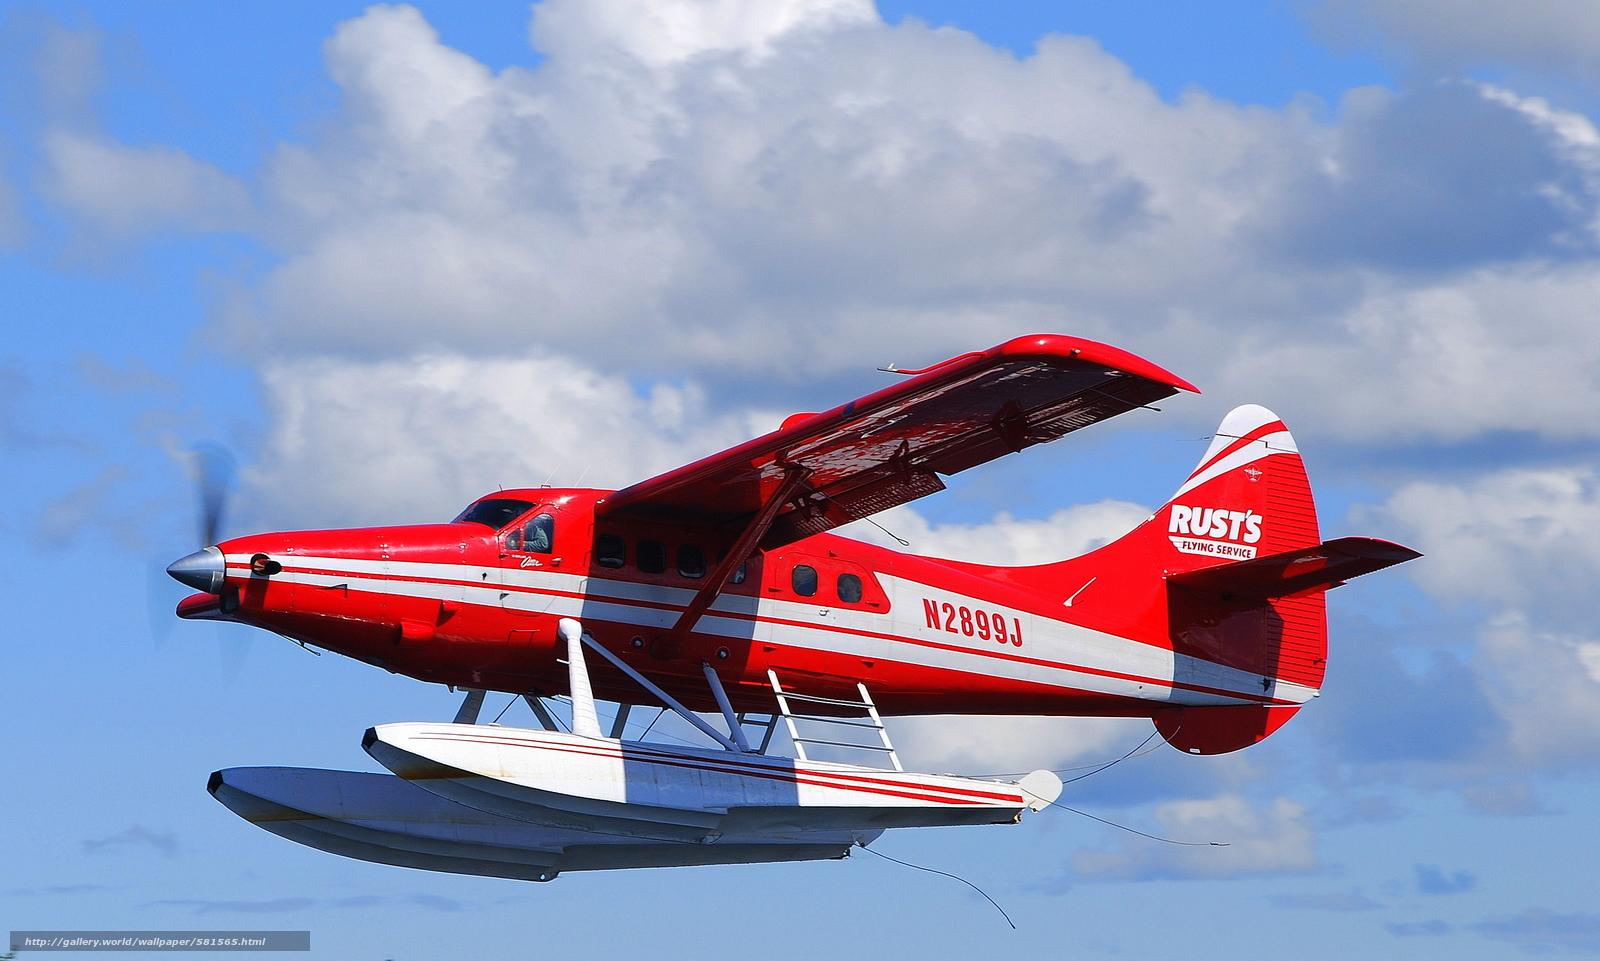 下载壁纸 天空,  容易,  涡轮螺旋桨飞机,  单发 免费为您的桌面分辨率的壁纸 2886x1734 — 图片 №581565